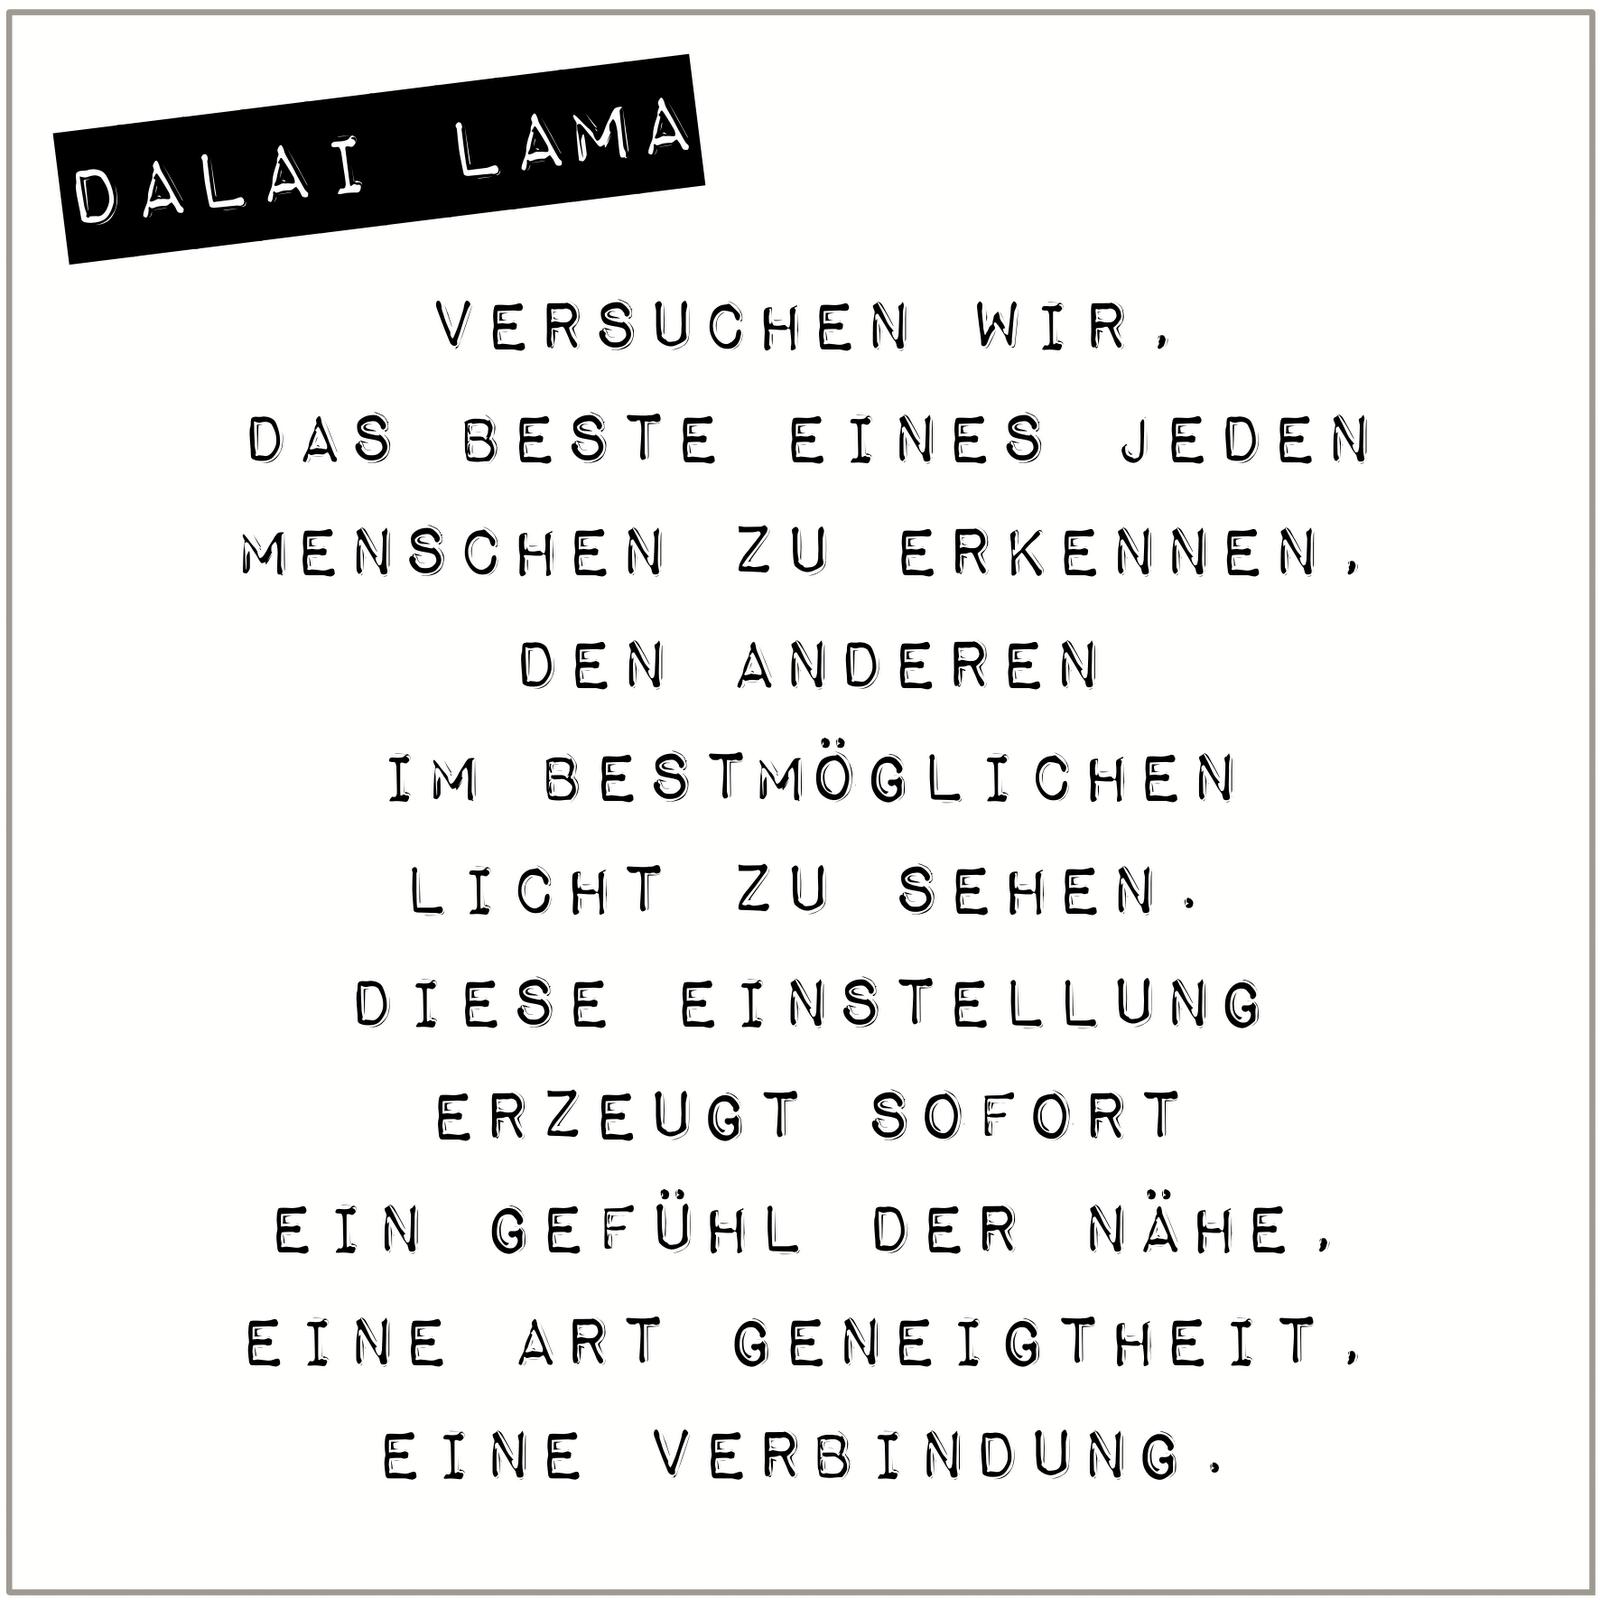 zitat des dalai lama | buddhismus | pinterest | dalai lama